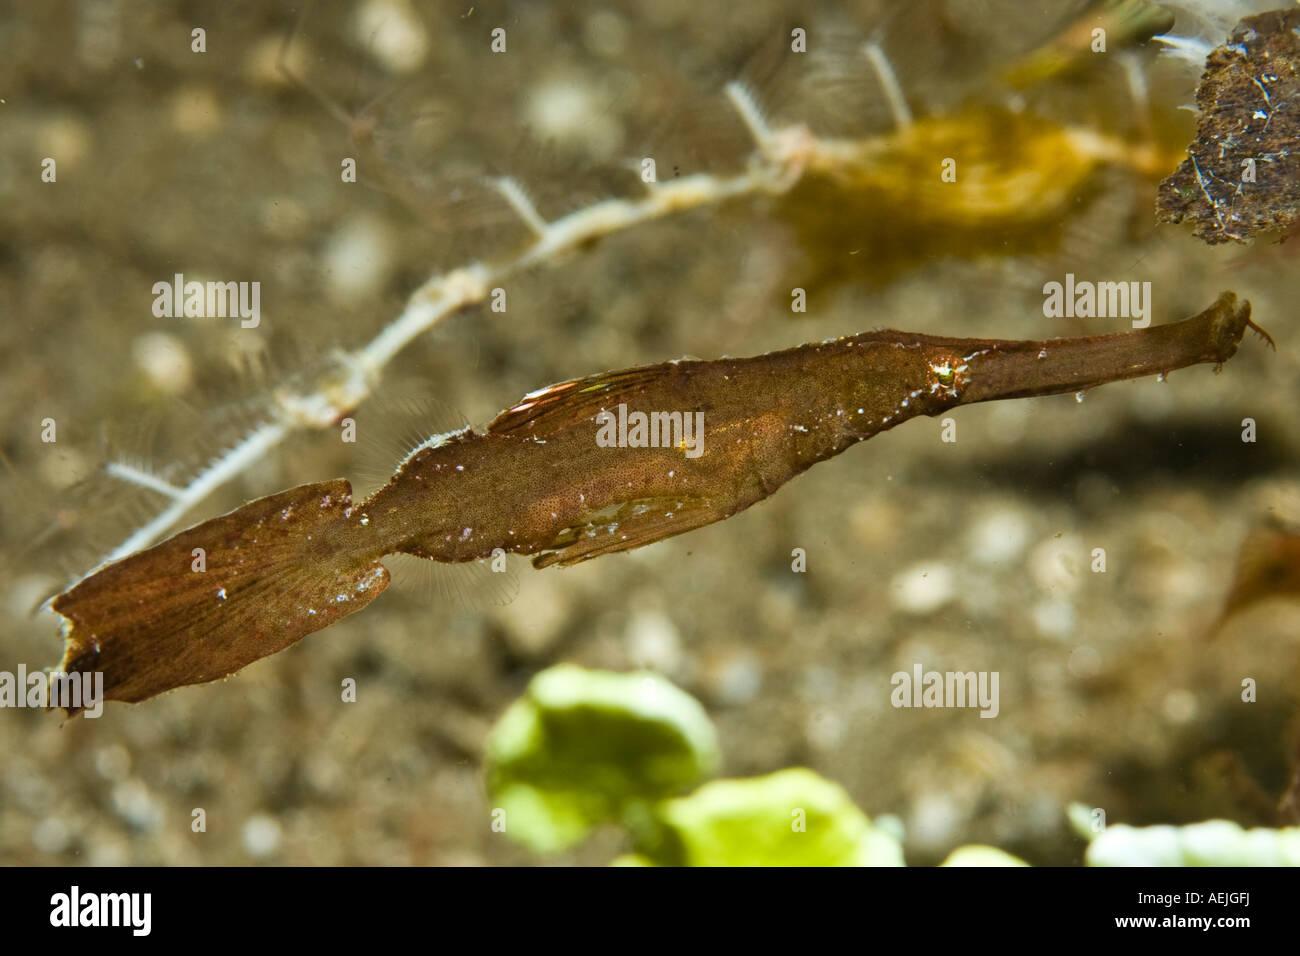 Ghost Pipefish, Solenostomus cyanopterus. - Stock Image